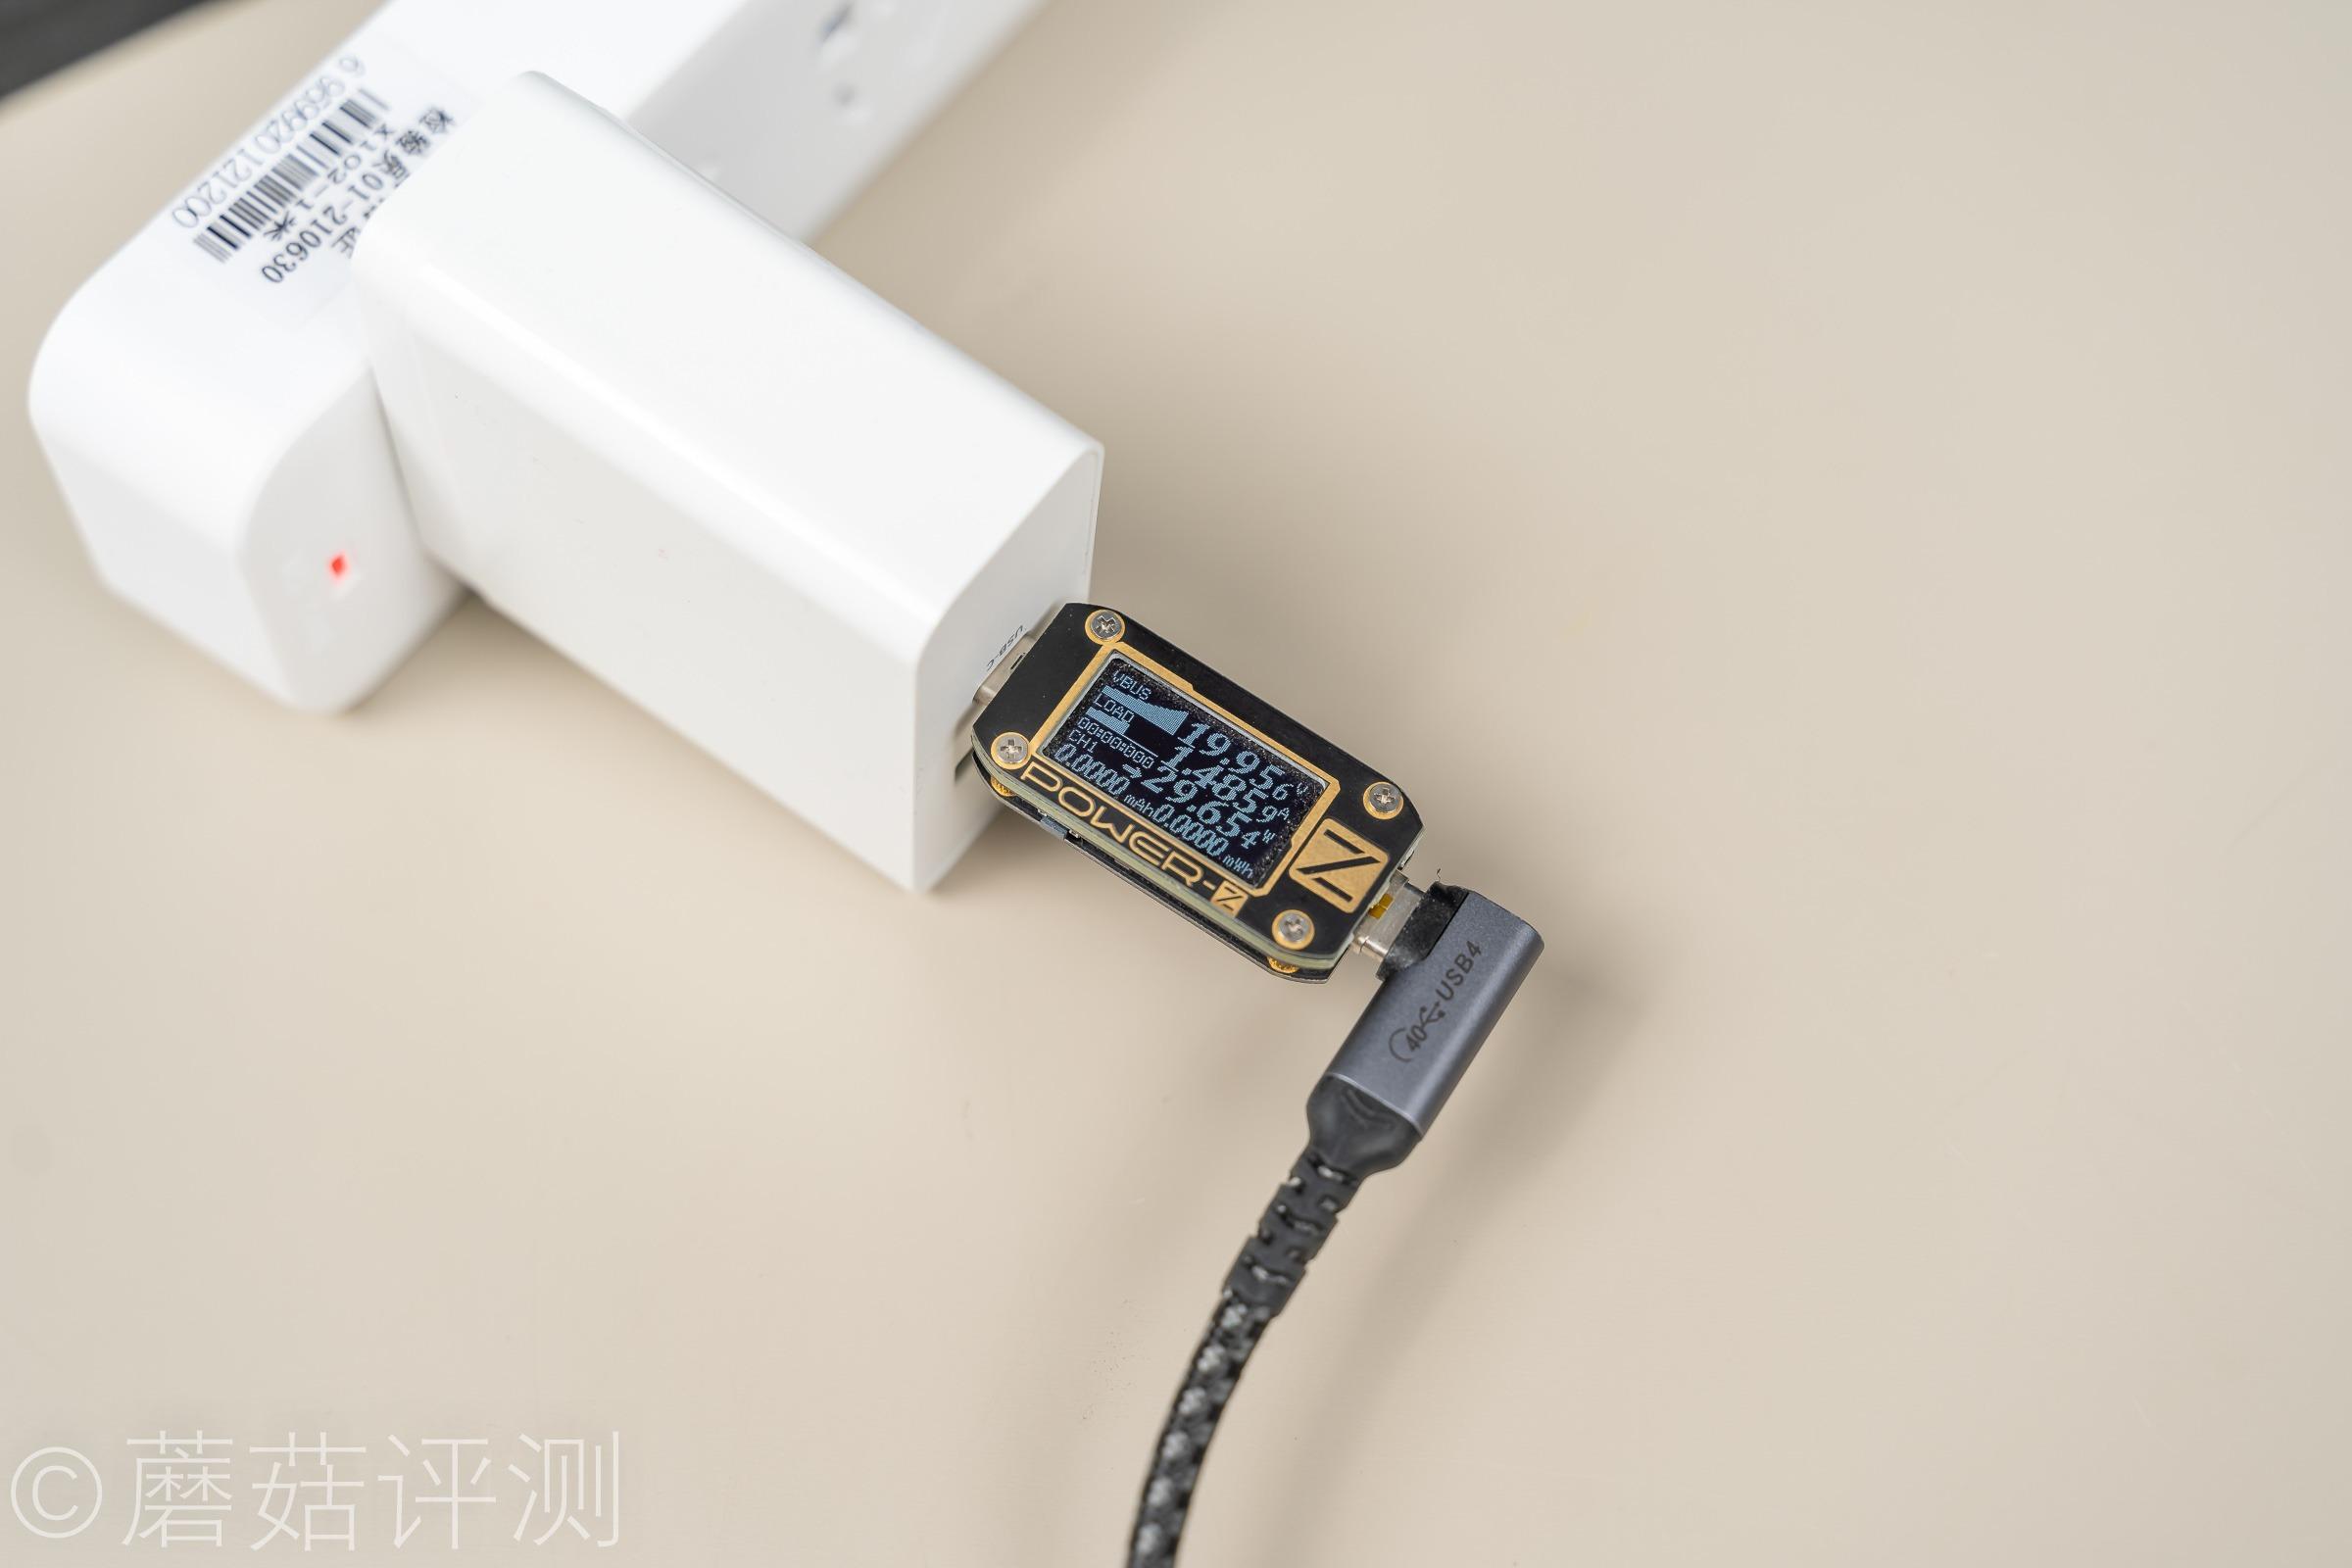 体积小巧,功率给力,携带方便、优越者(UNITEK)PD65W快充头